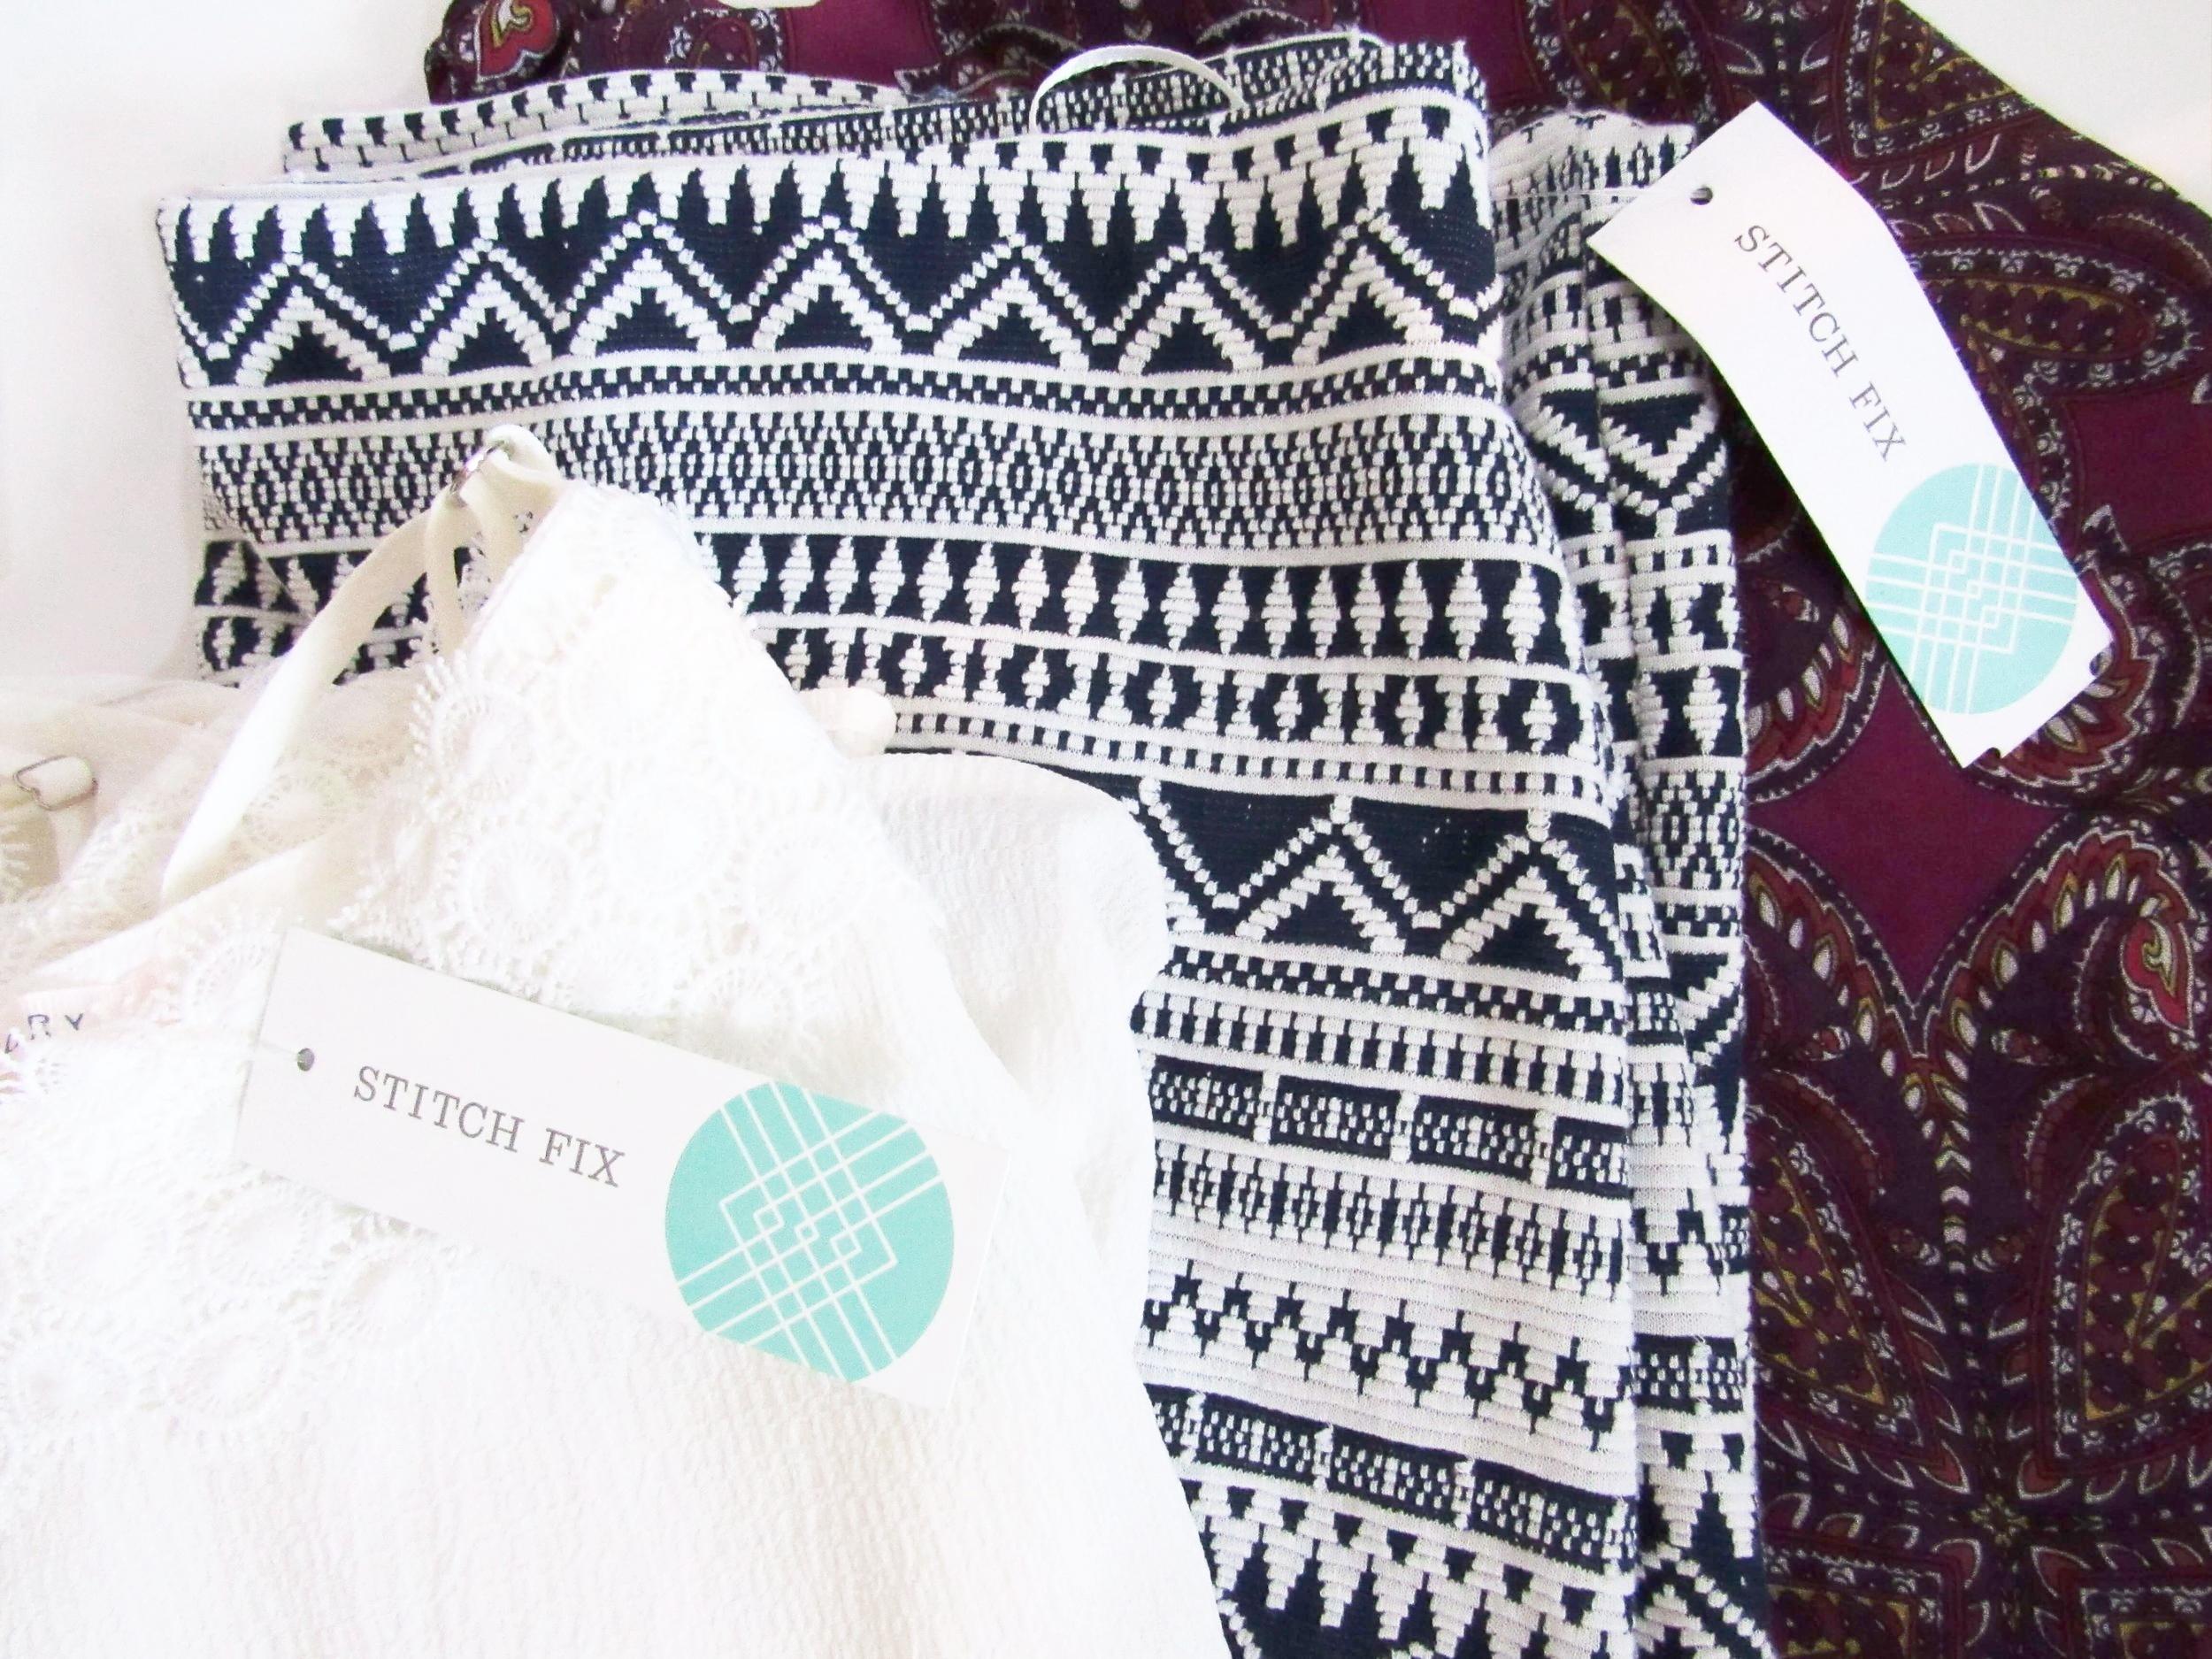 StitchFixWomen'sClothing